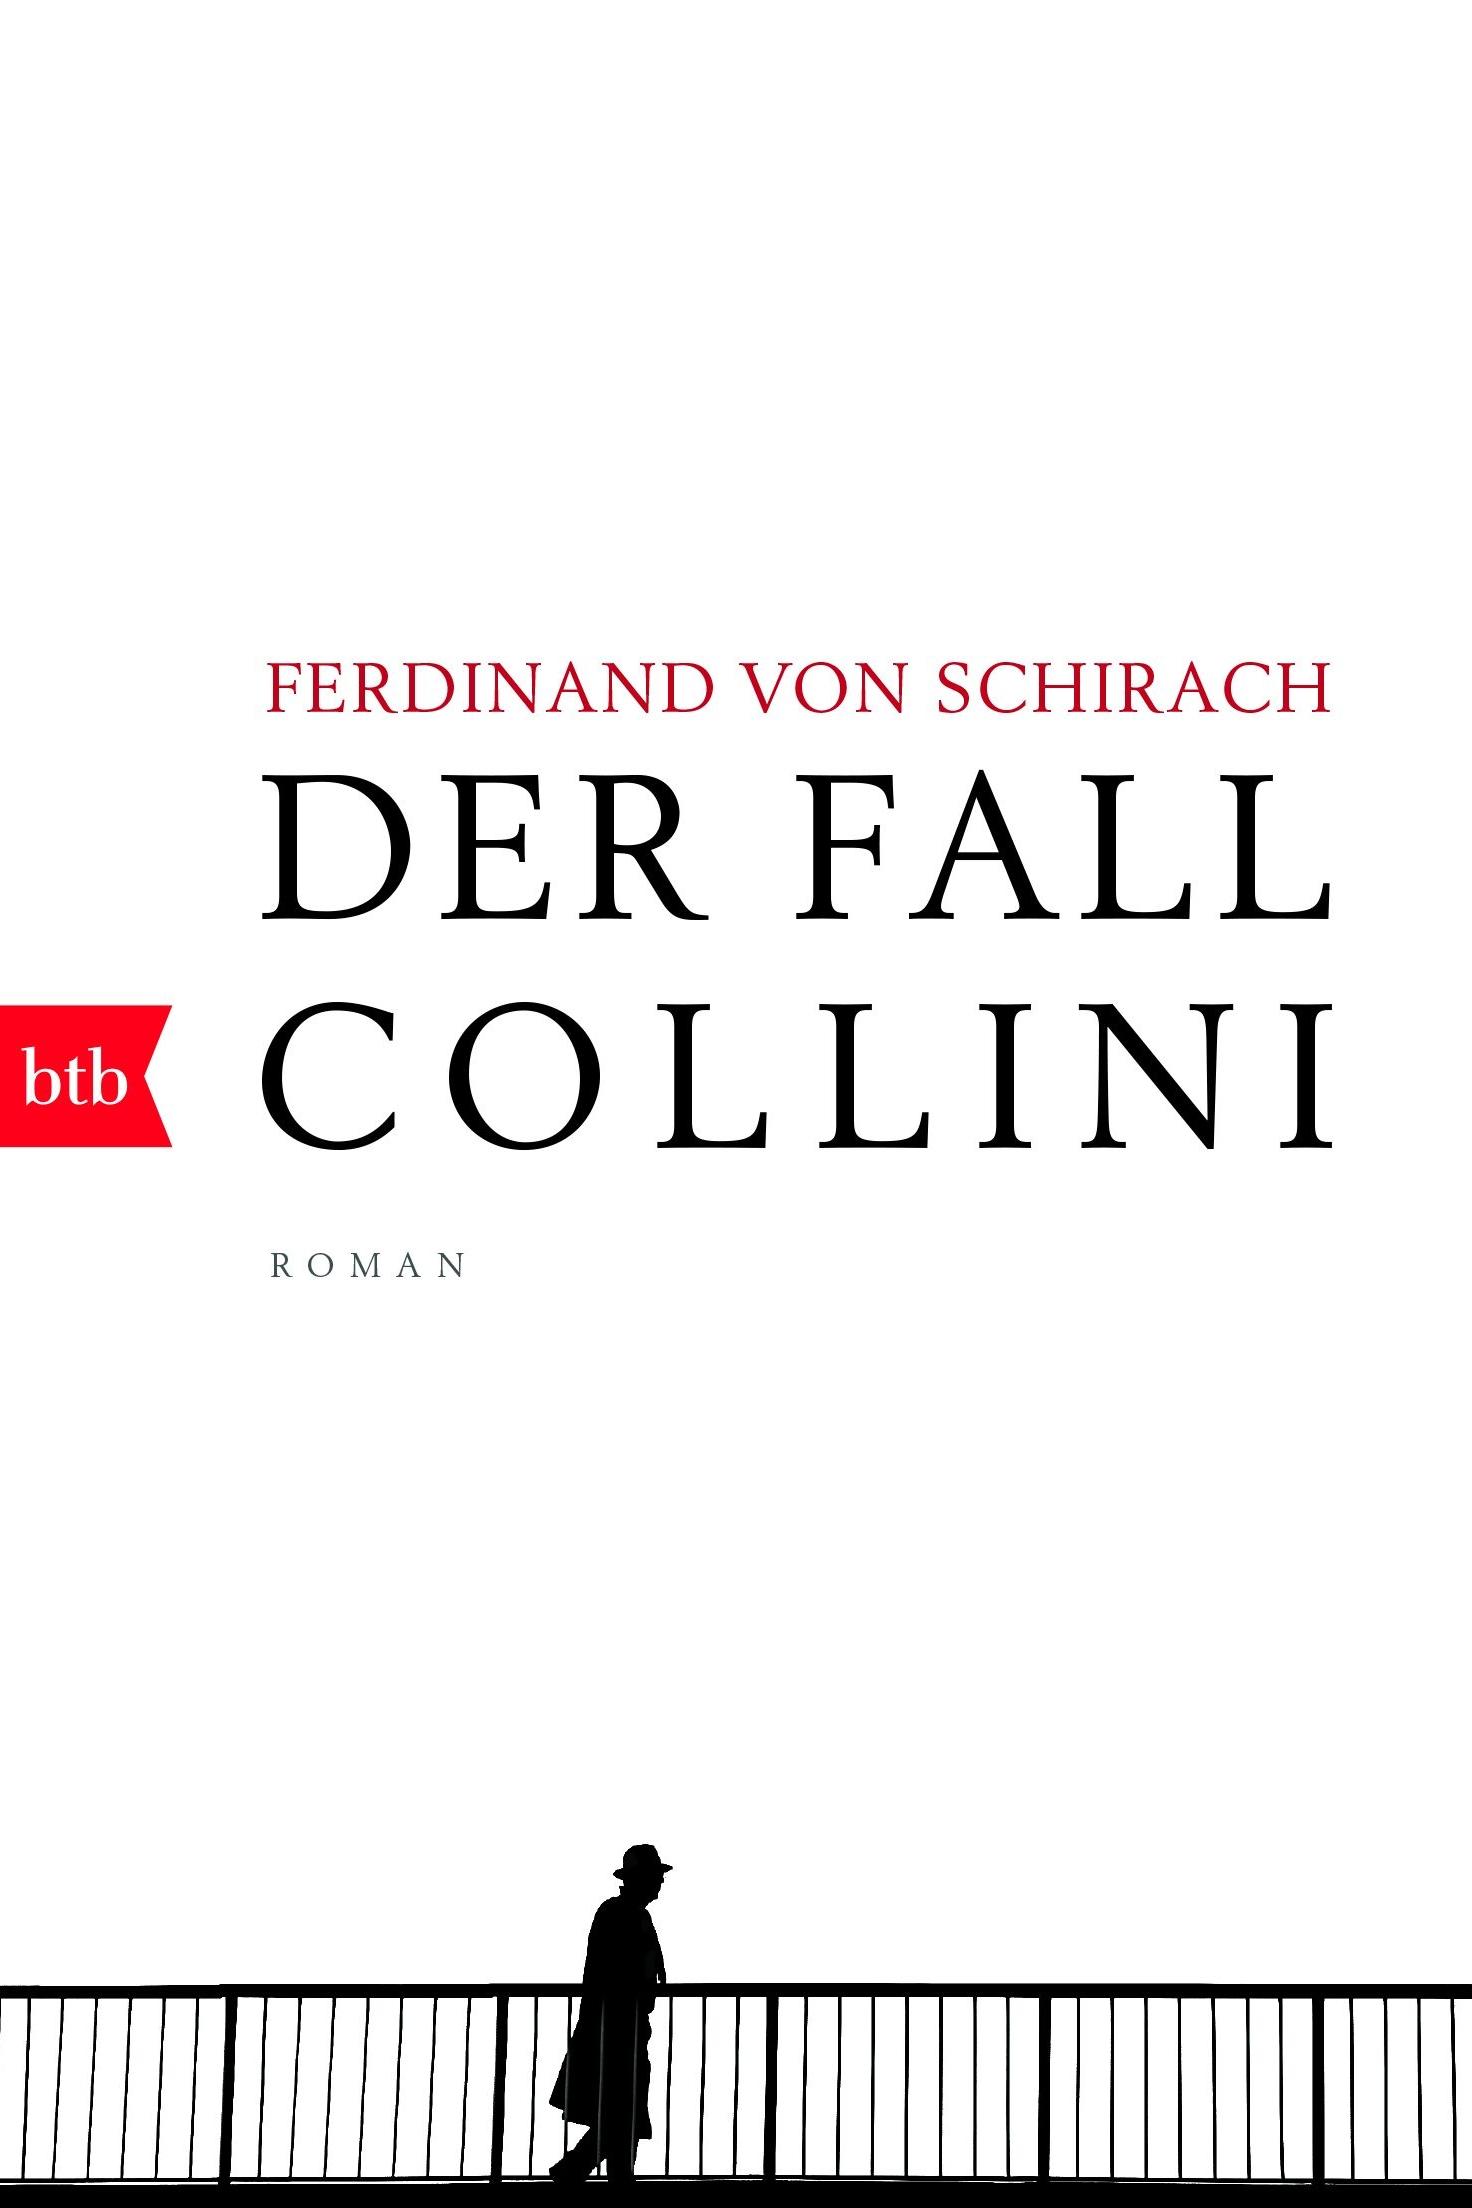 Der Fall Collini - Ferdinand von Schirachbtb Verlag / Februar 2017